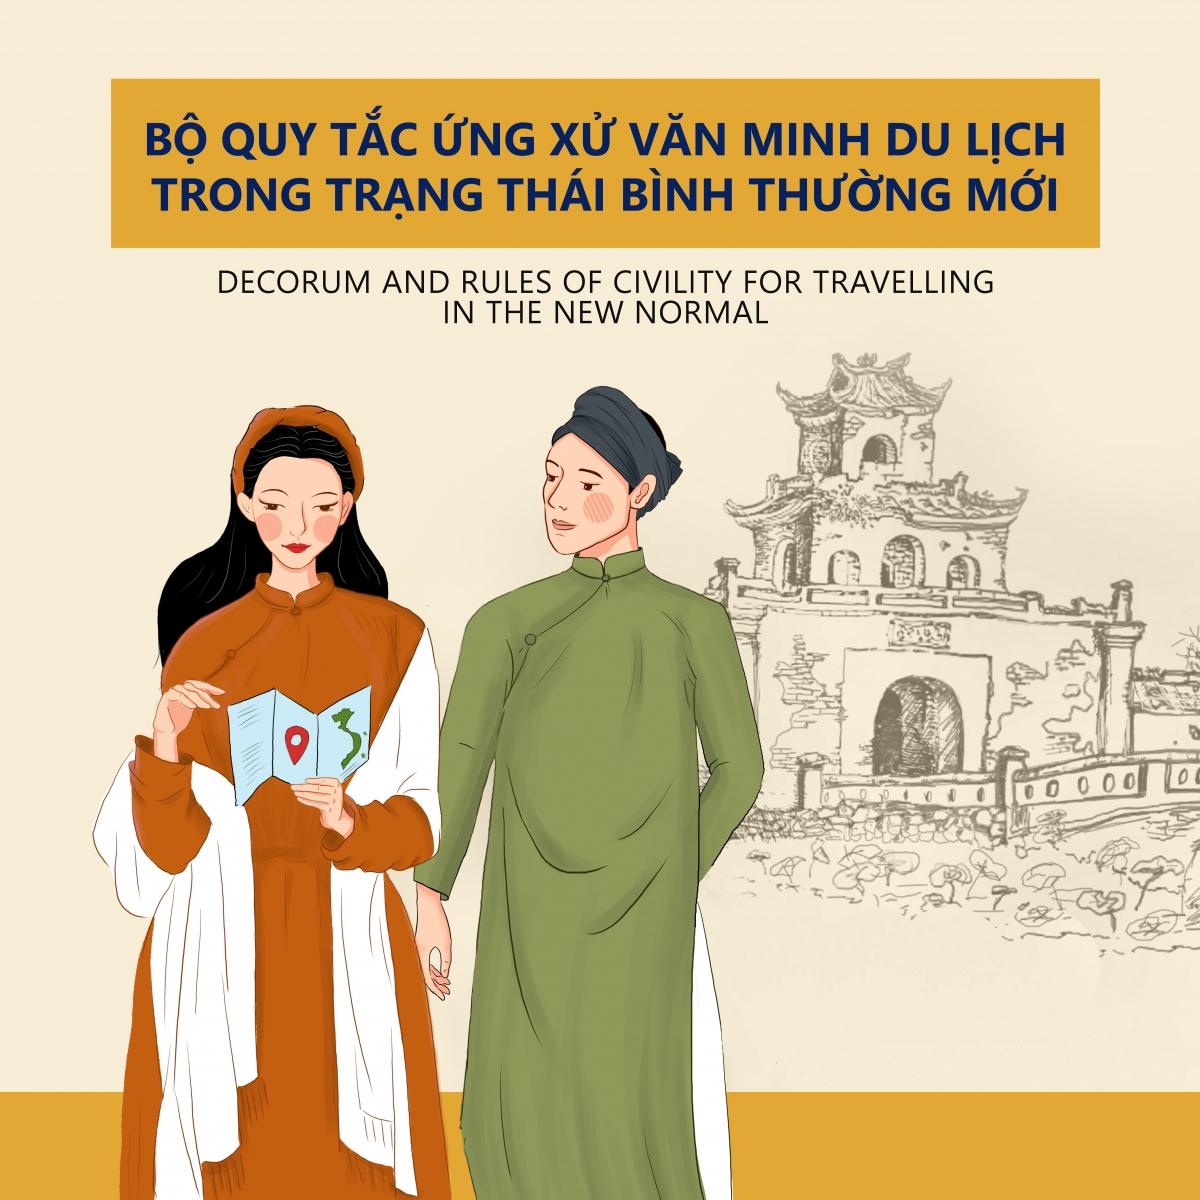 Thừa Thiên Huế ban hành Bộ quy tắc ứng xử văn minh du lịch